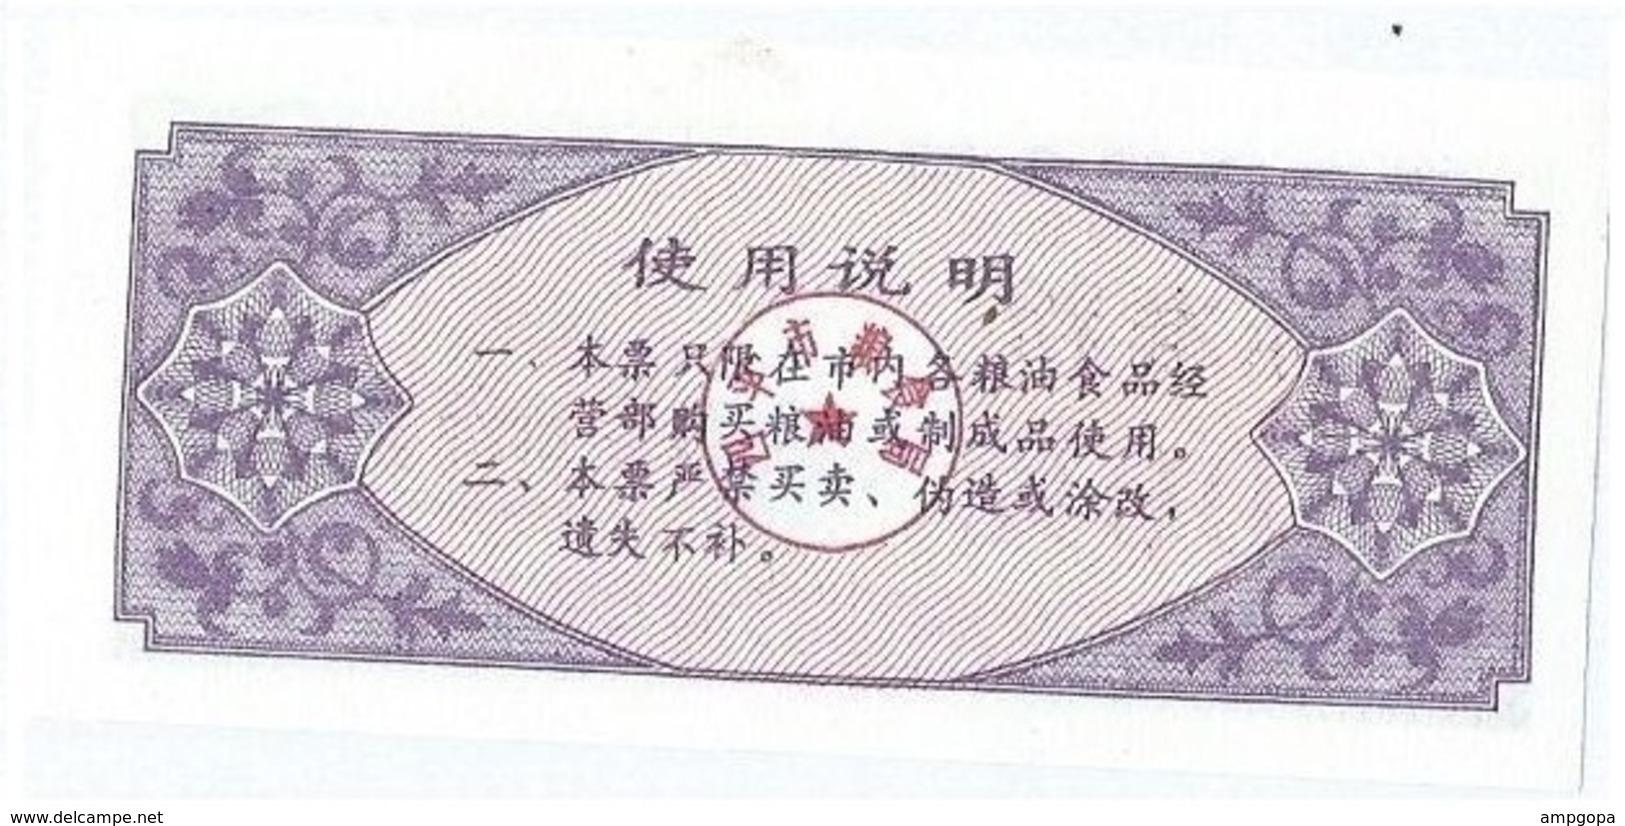 China (CUPONES) 0.50 Kilos 1987 Siping (Jilin) Cn 22 S6.00500 UNC - China